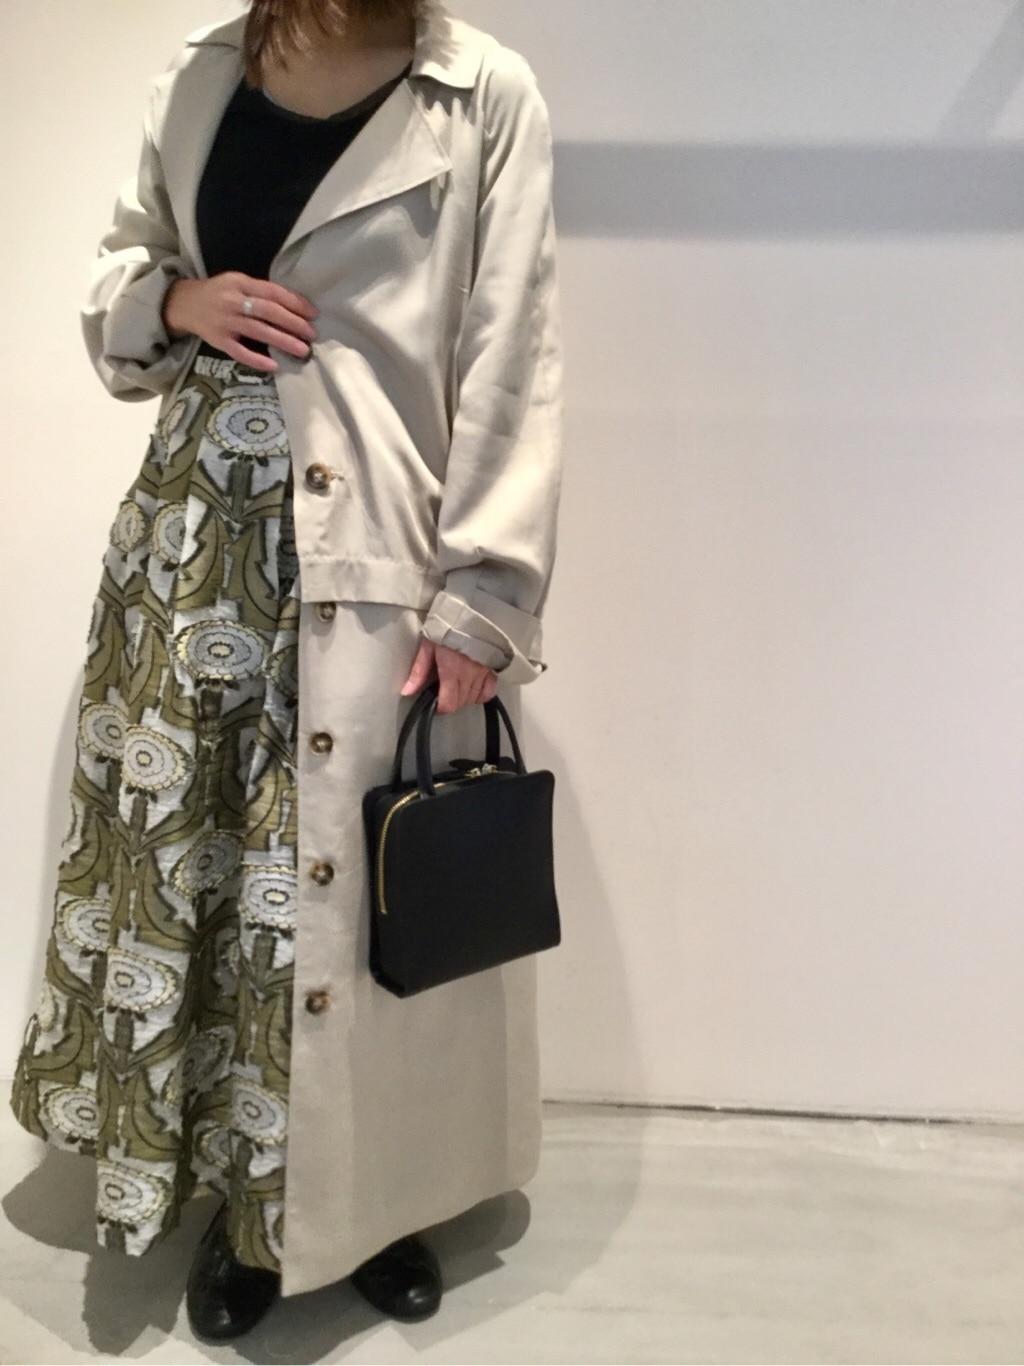 l'atelier du savon 代官山路面 身長:150cm 2020.03.12